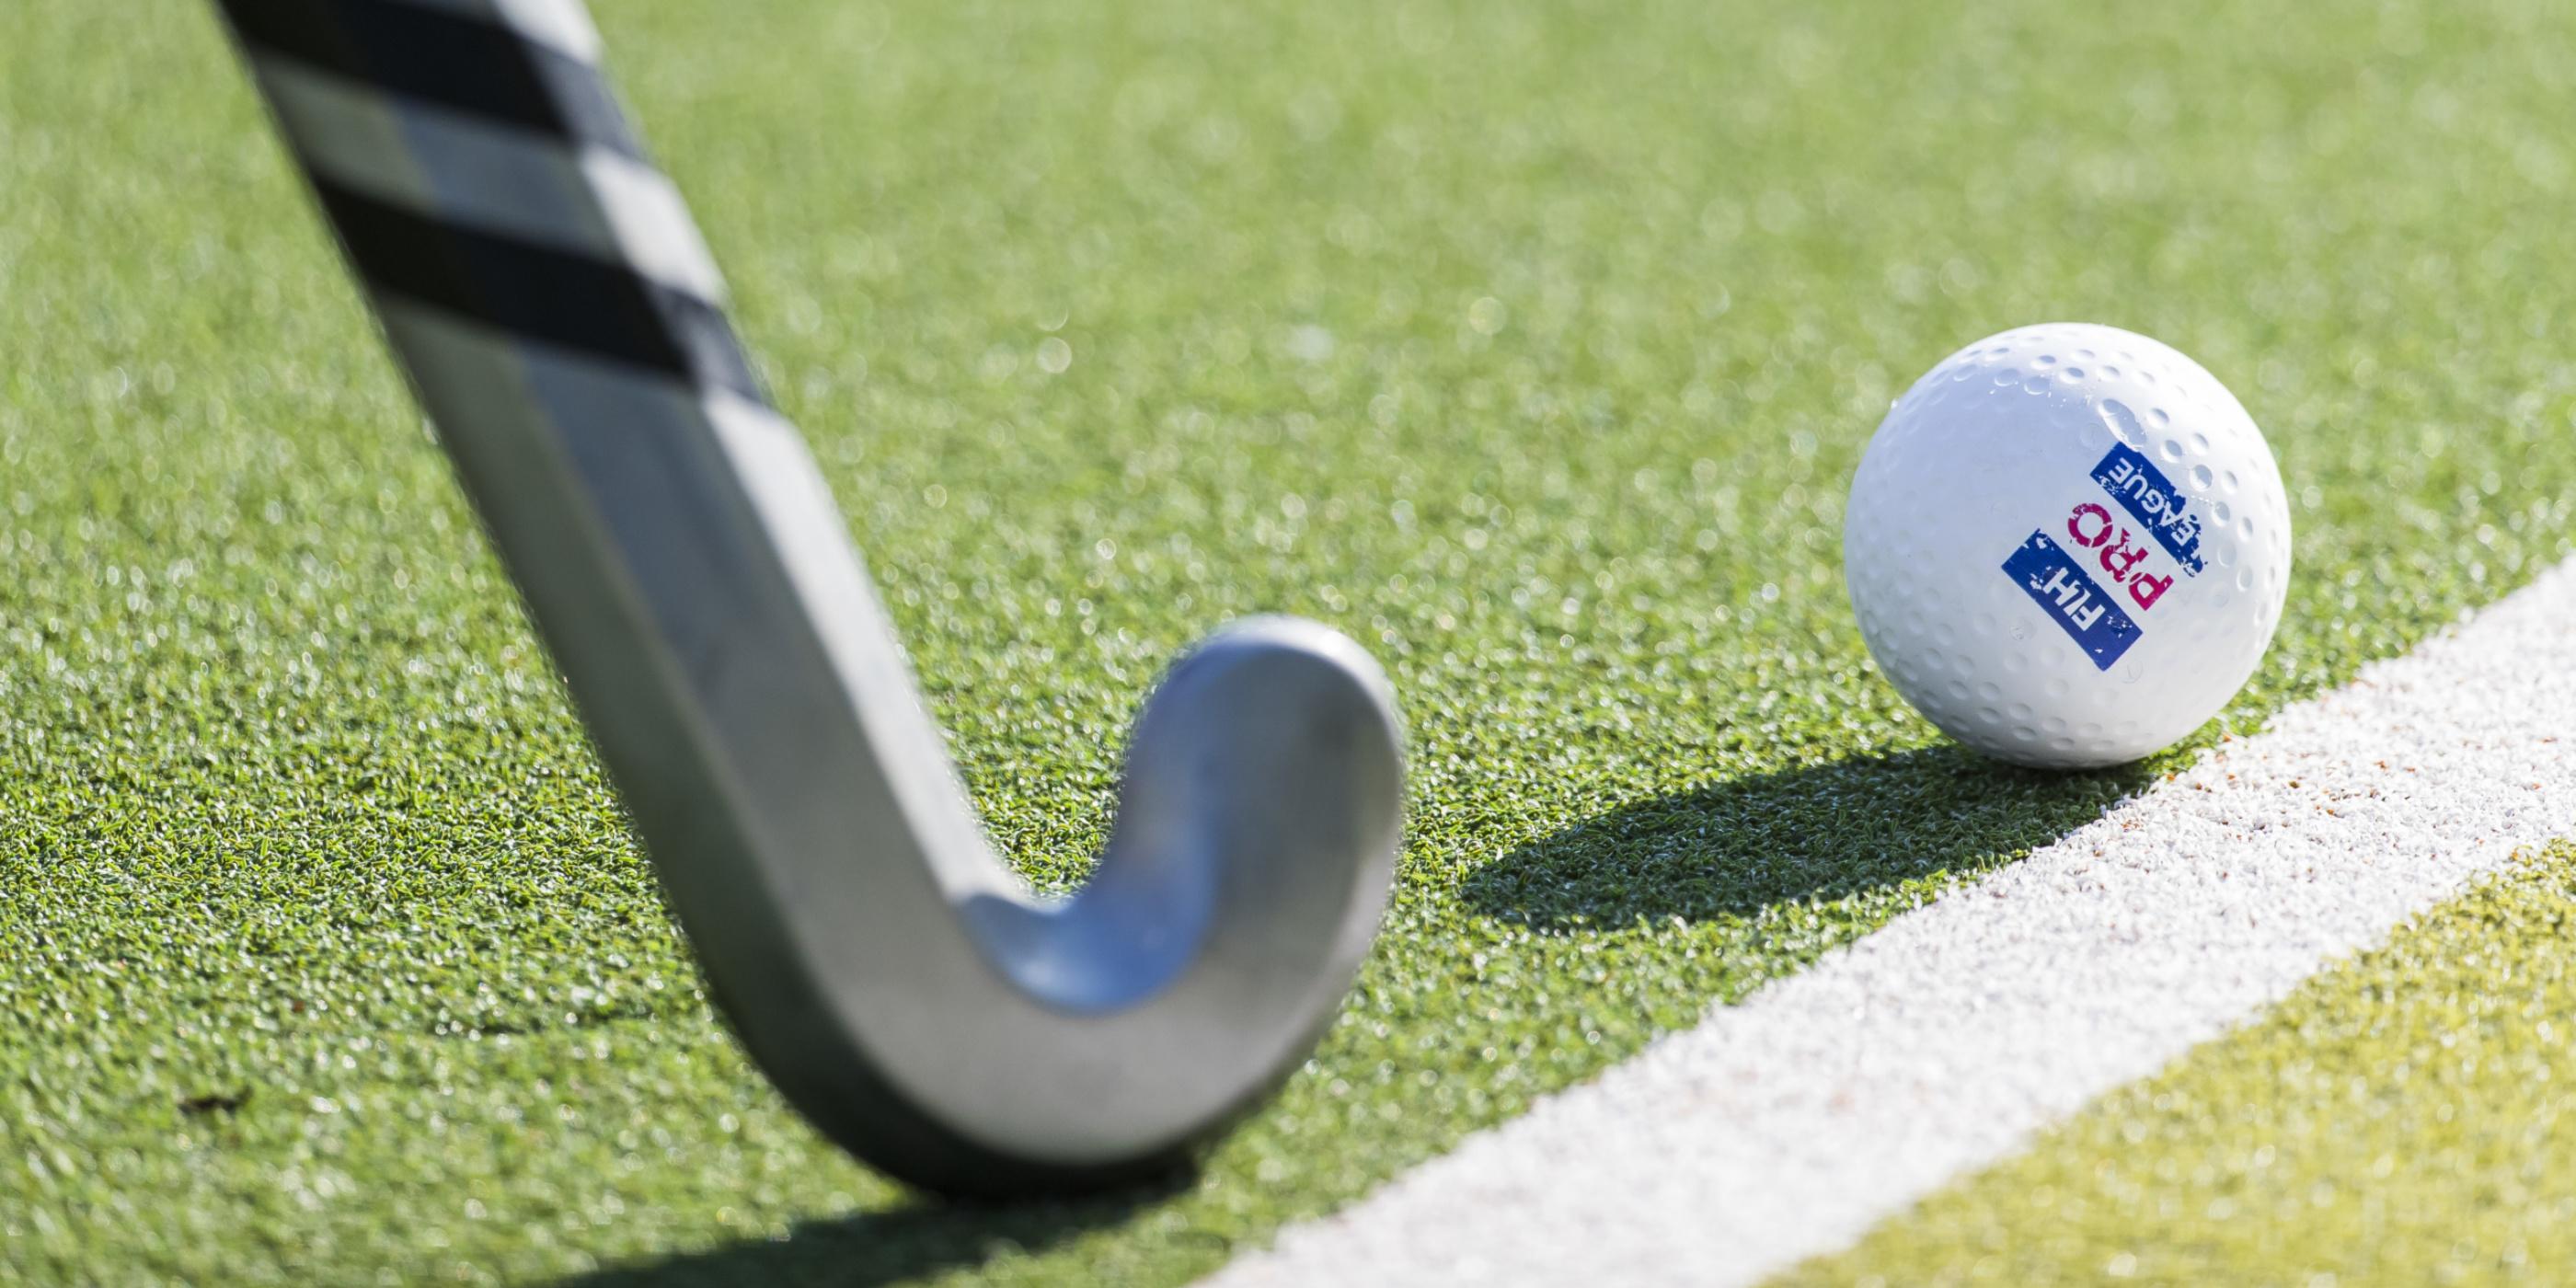 Wedstrijdselecties Nederland voor eerste FIH Pro League duel tegen Groot-Brittannië